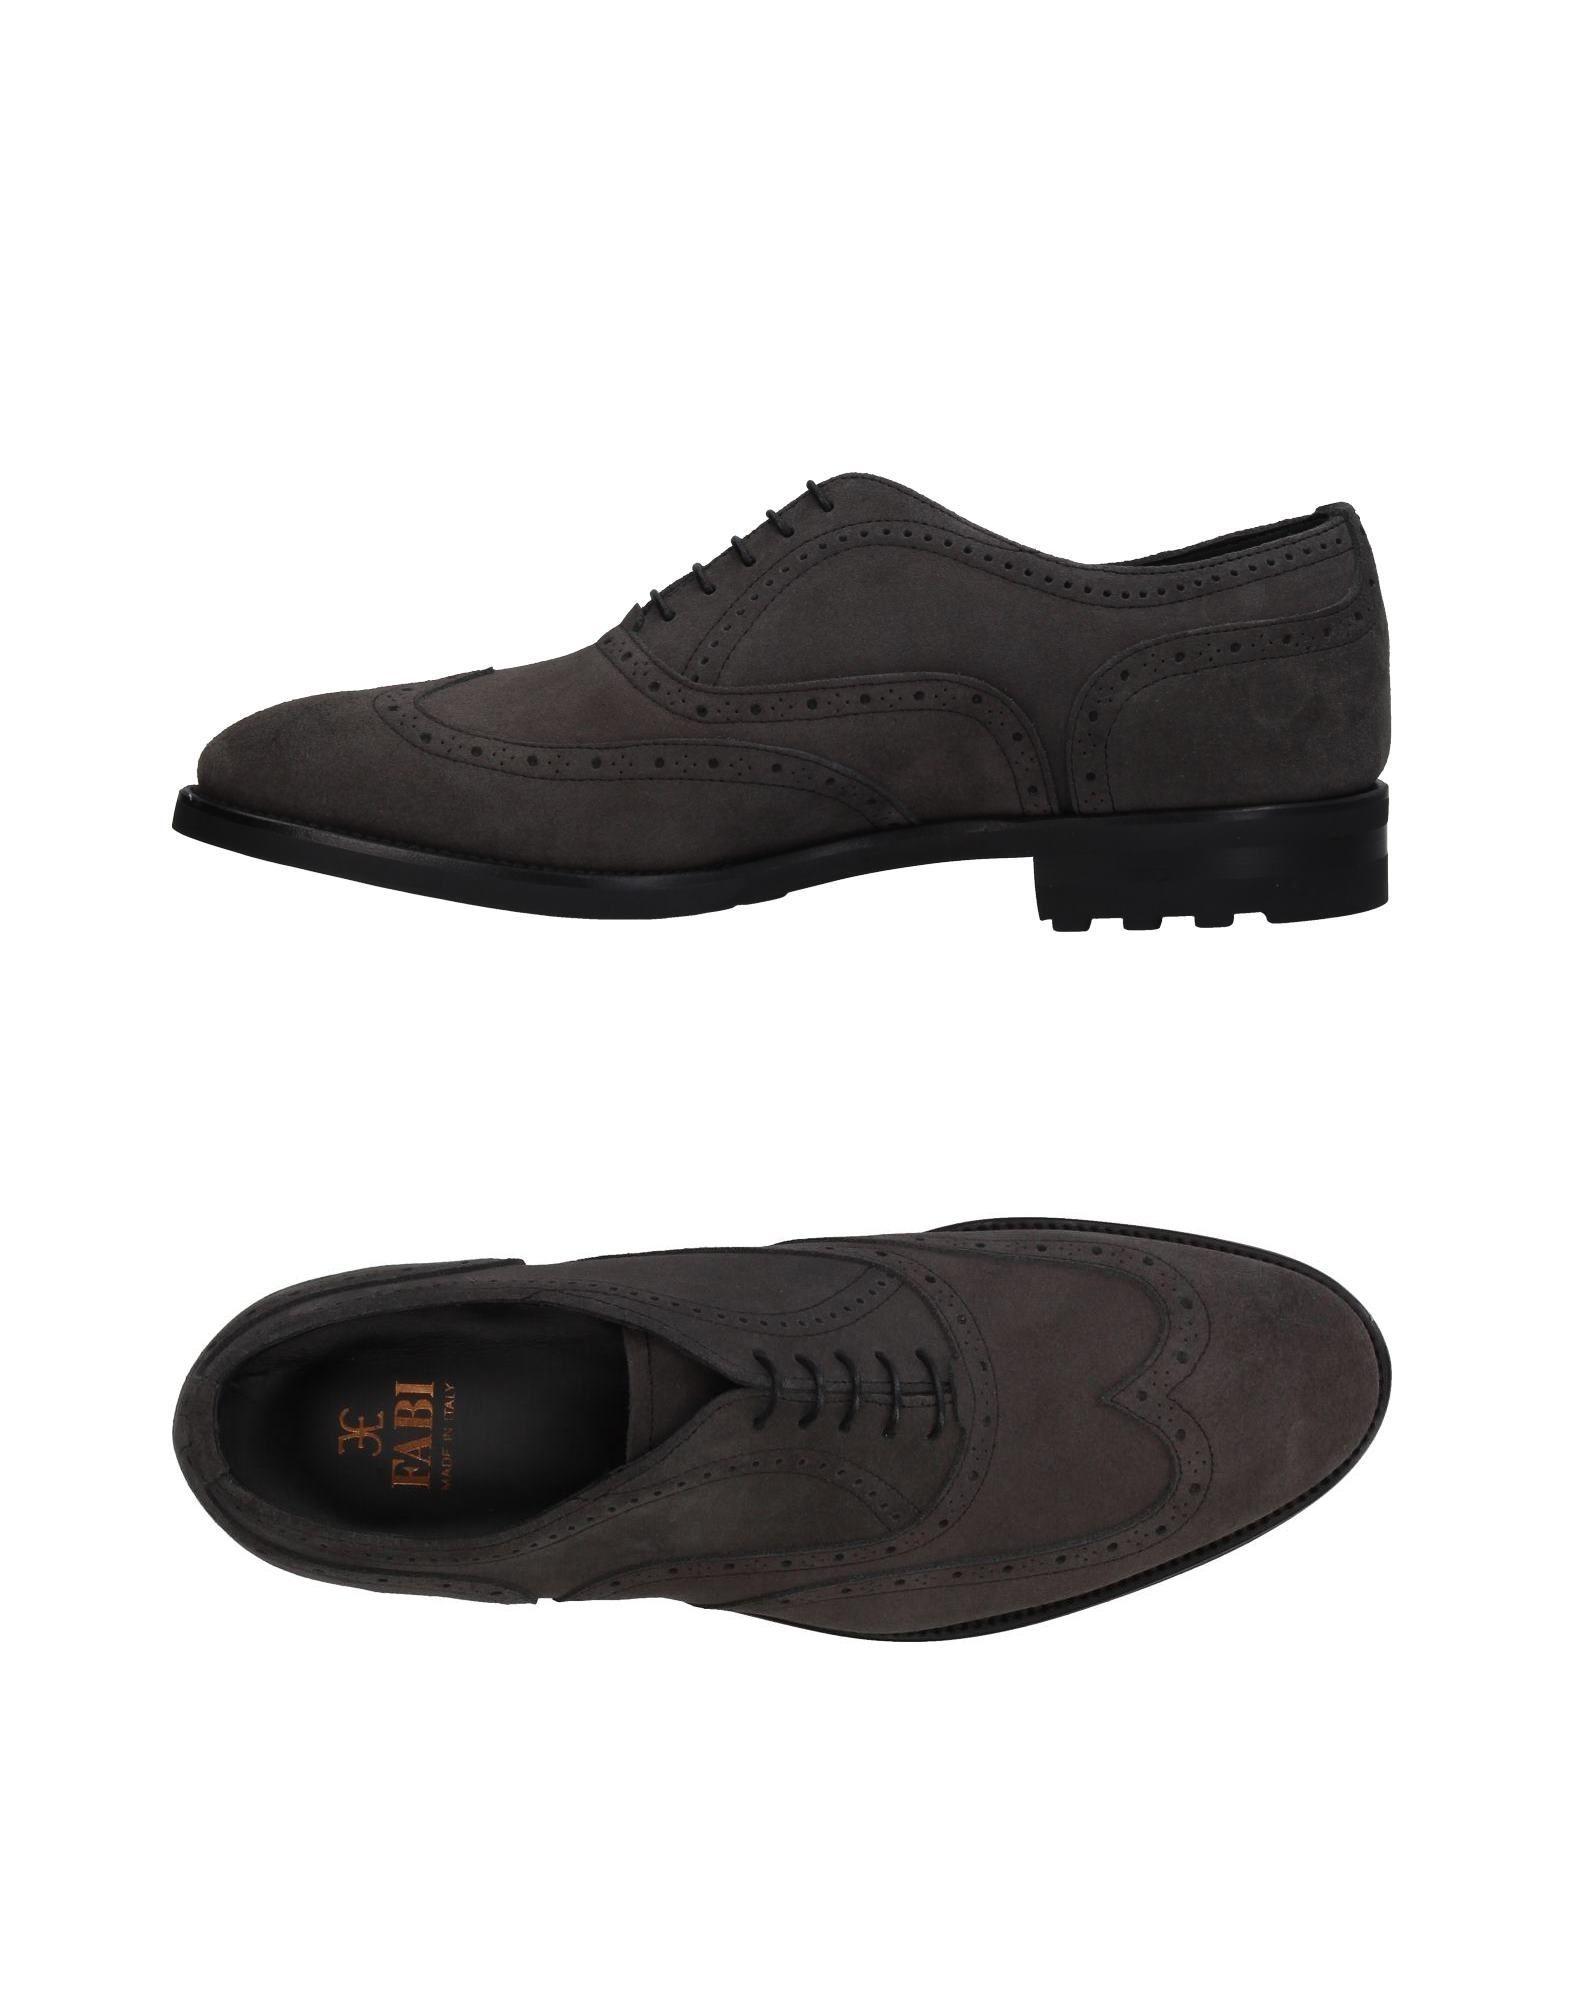 Fabi Schnürschuhe Herren  11385900GW Gute Qualität beliebte Schuhe